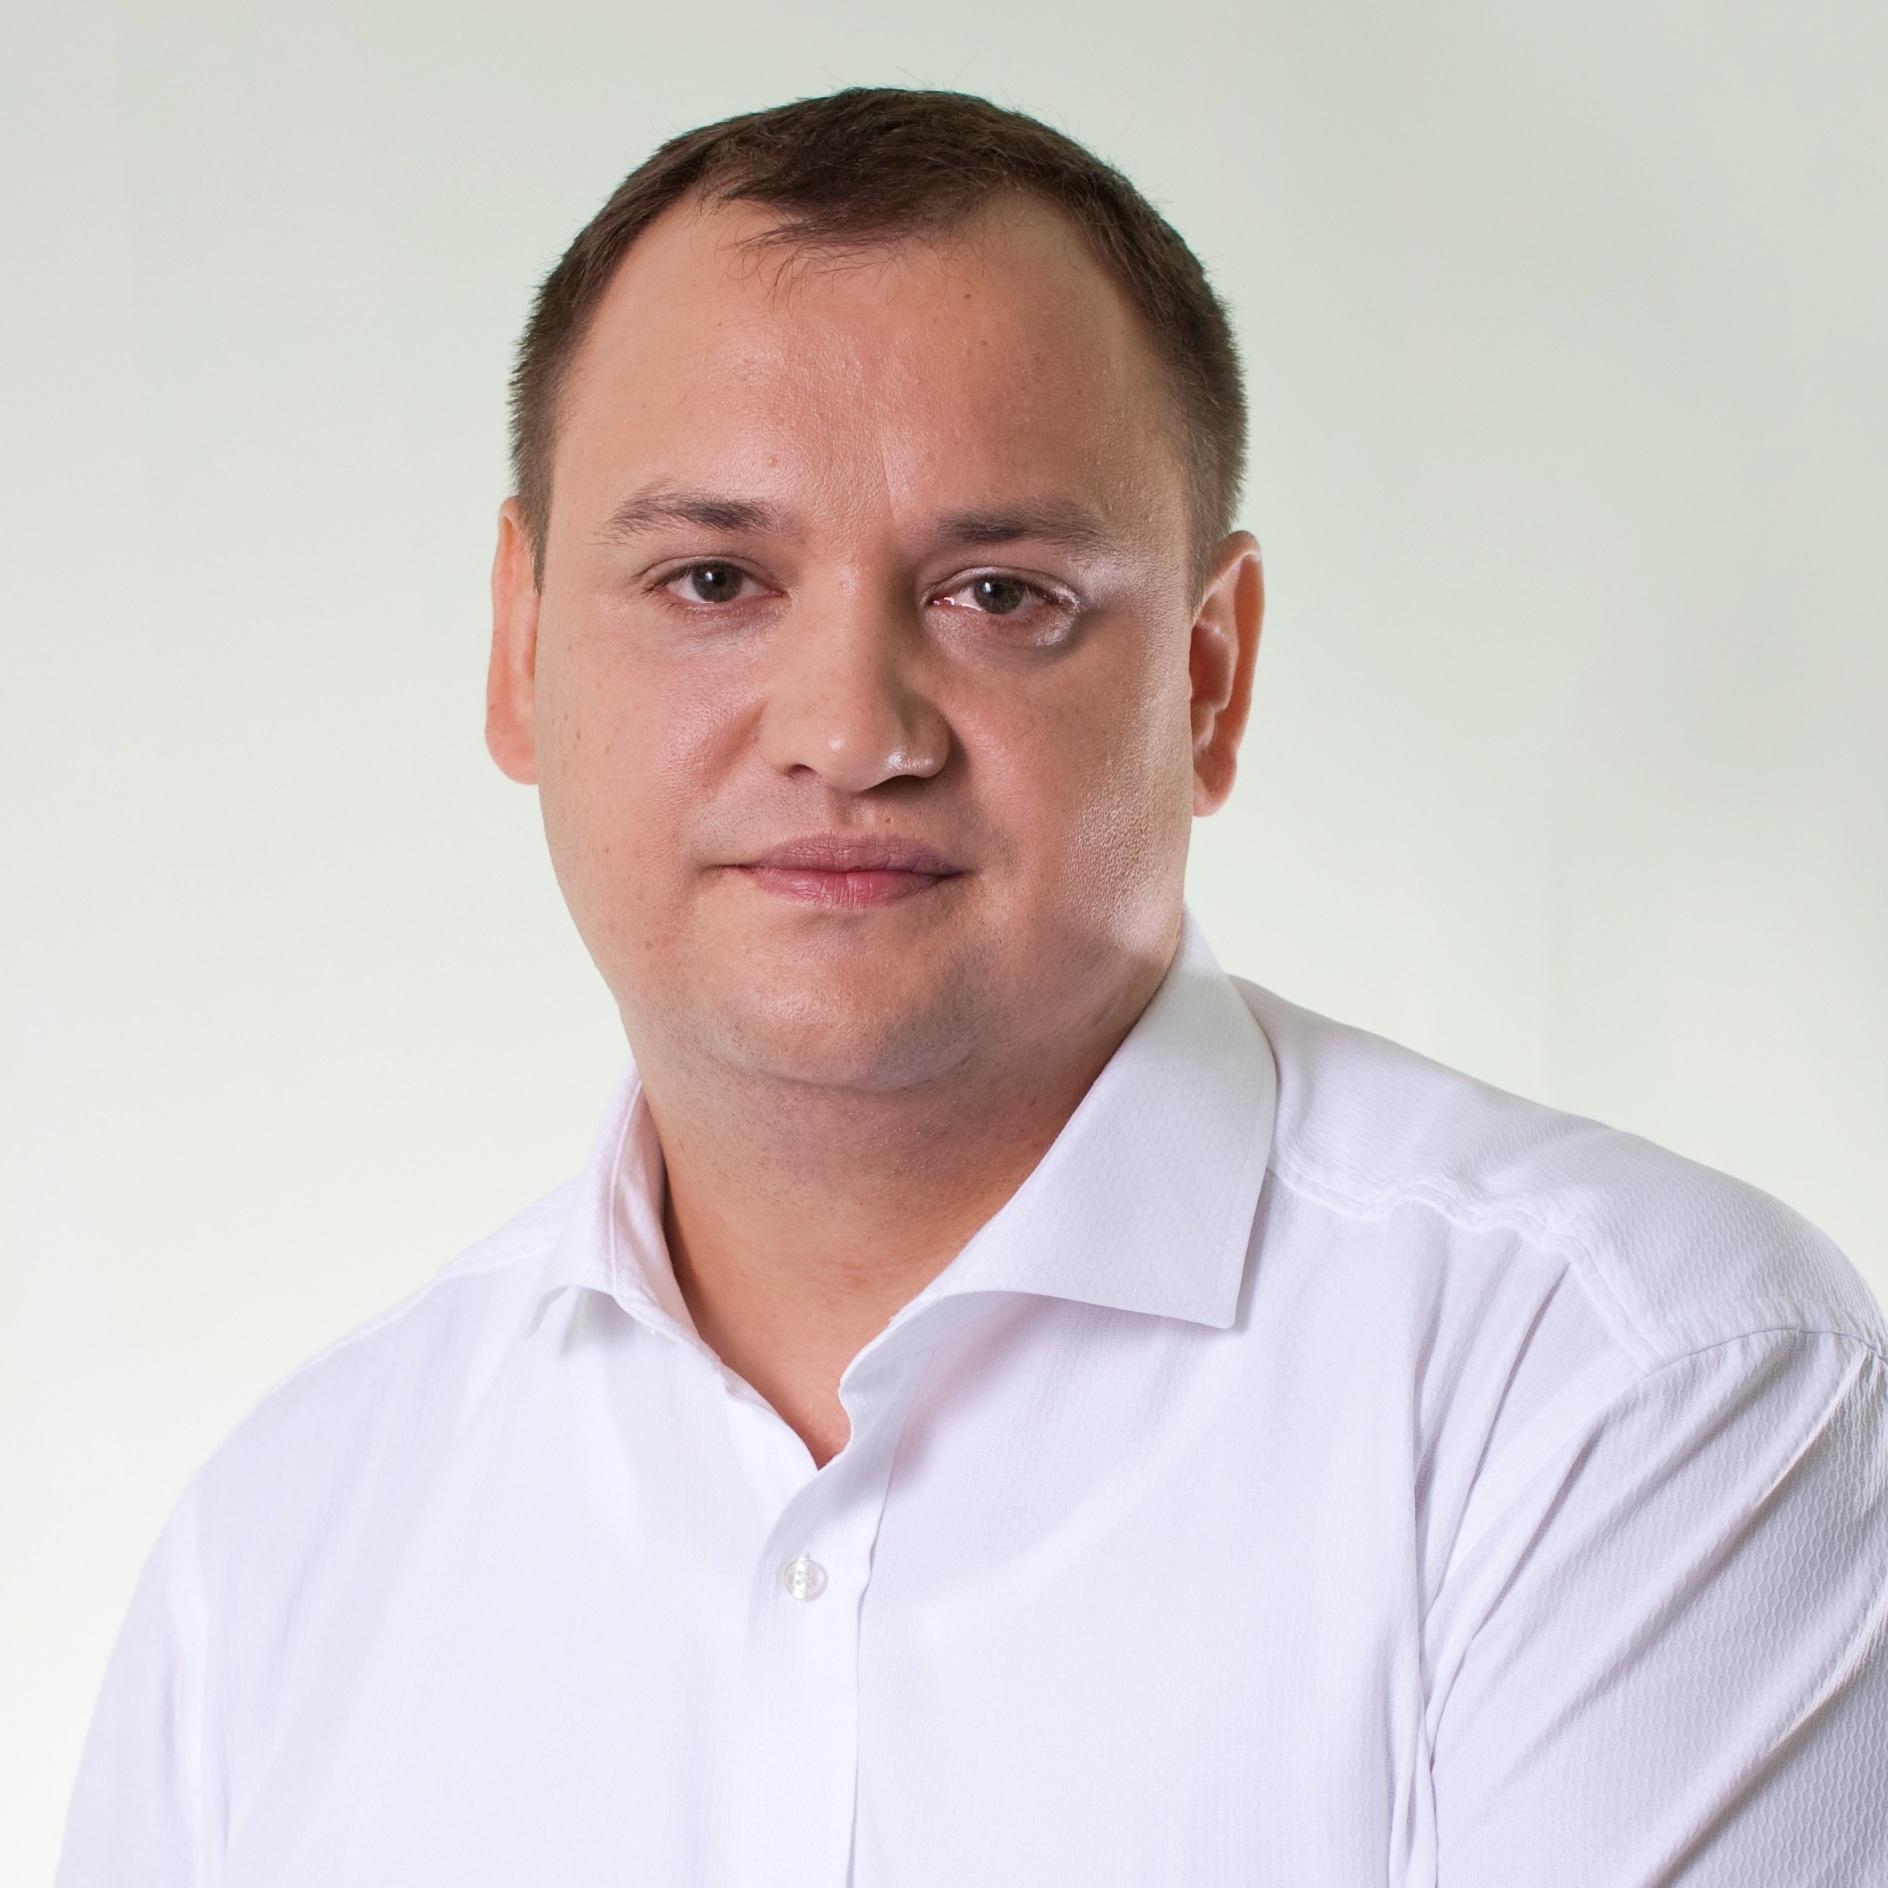 Максим Толстобров